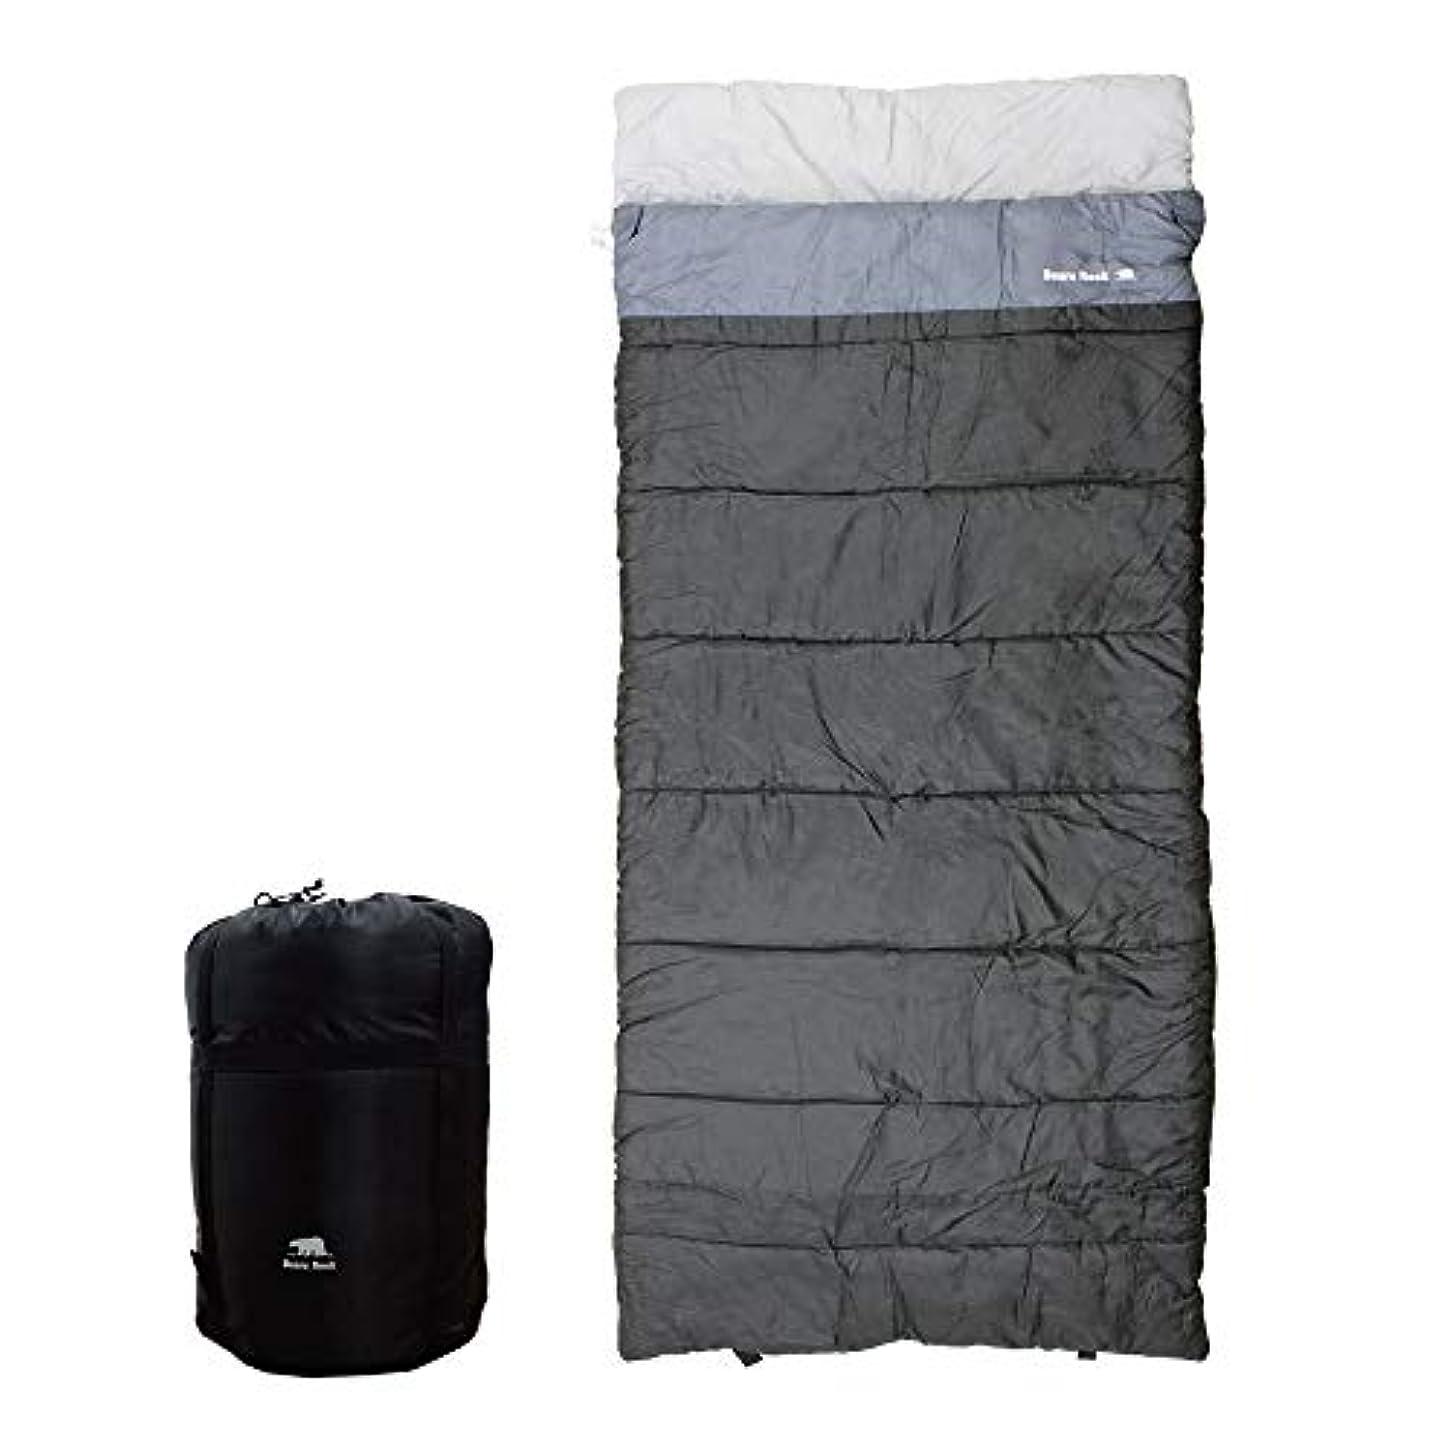 韻高原混合【Bears Rock】 寝袋 シュラフ 封筒型 4シーズン対応 ねぶくろん TX-701